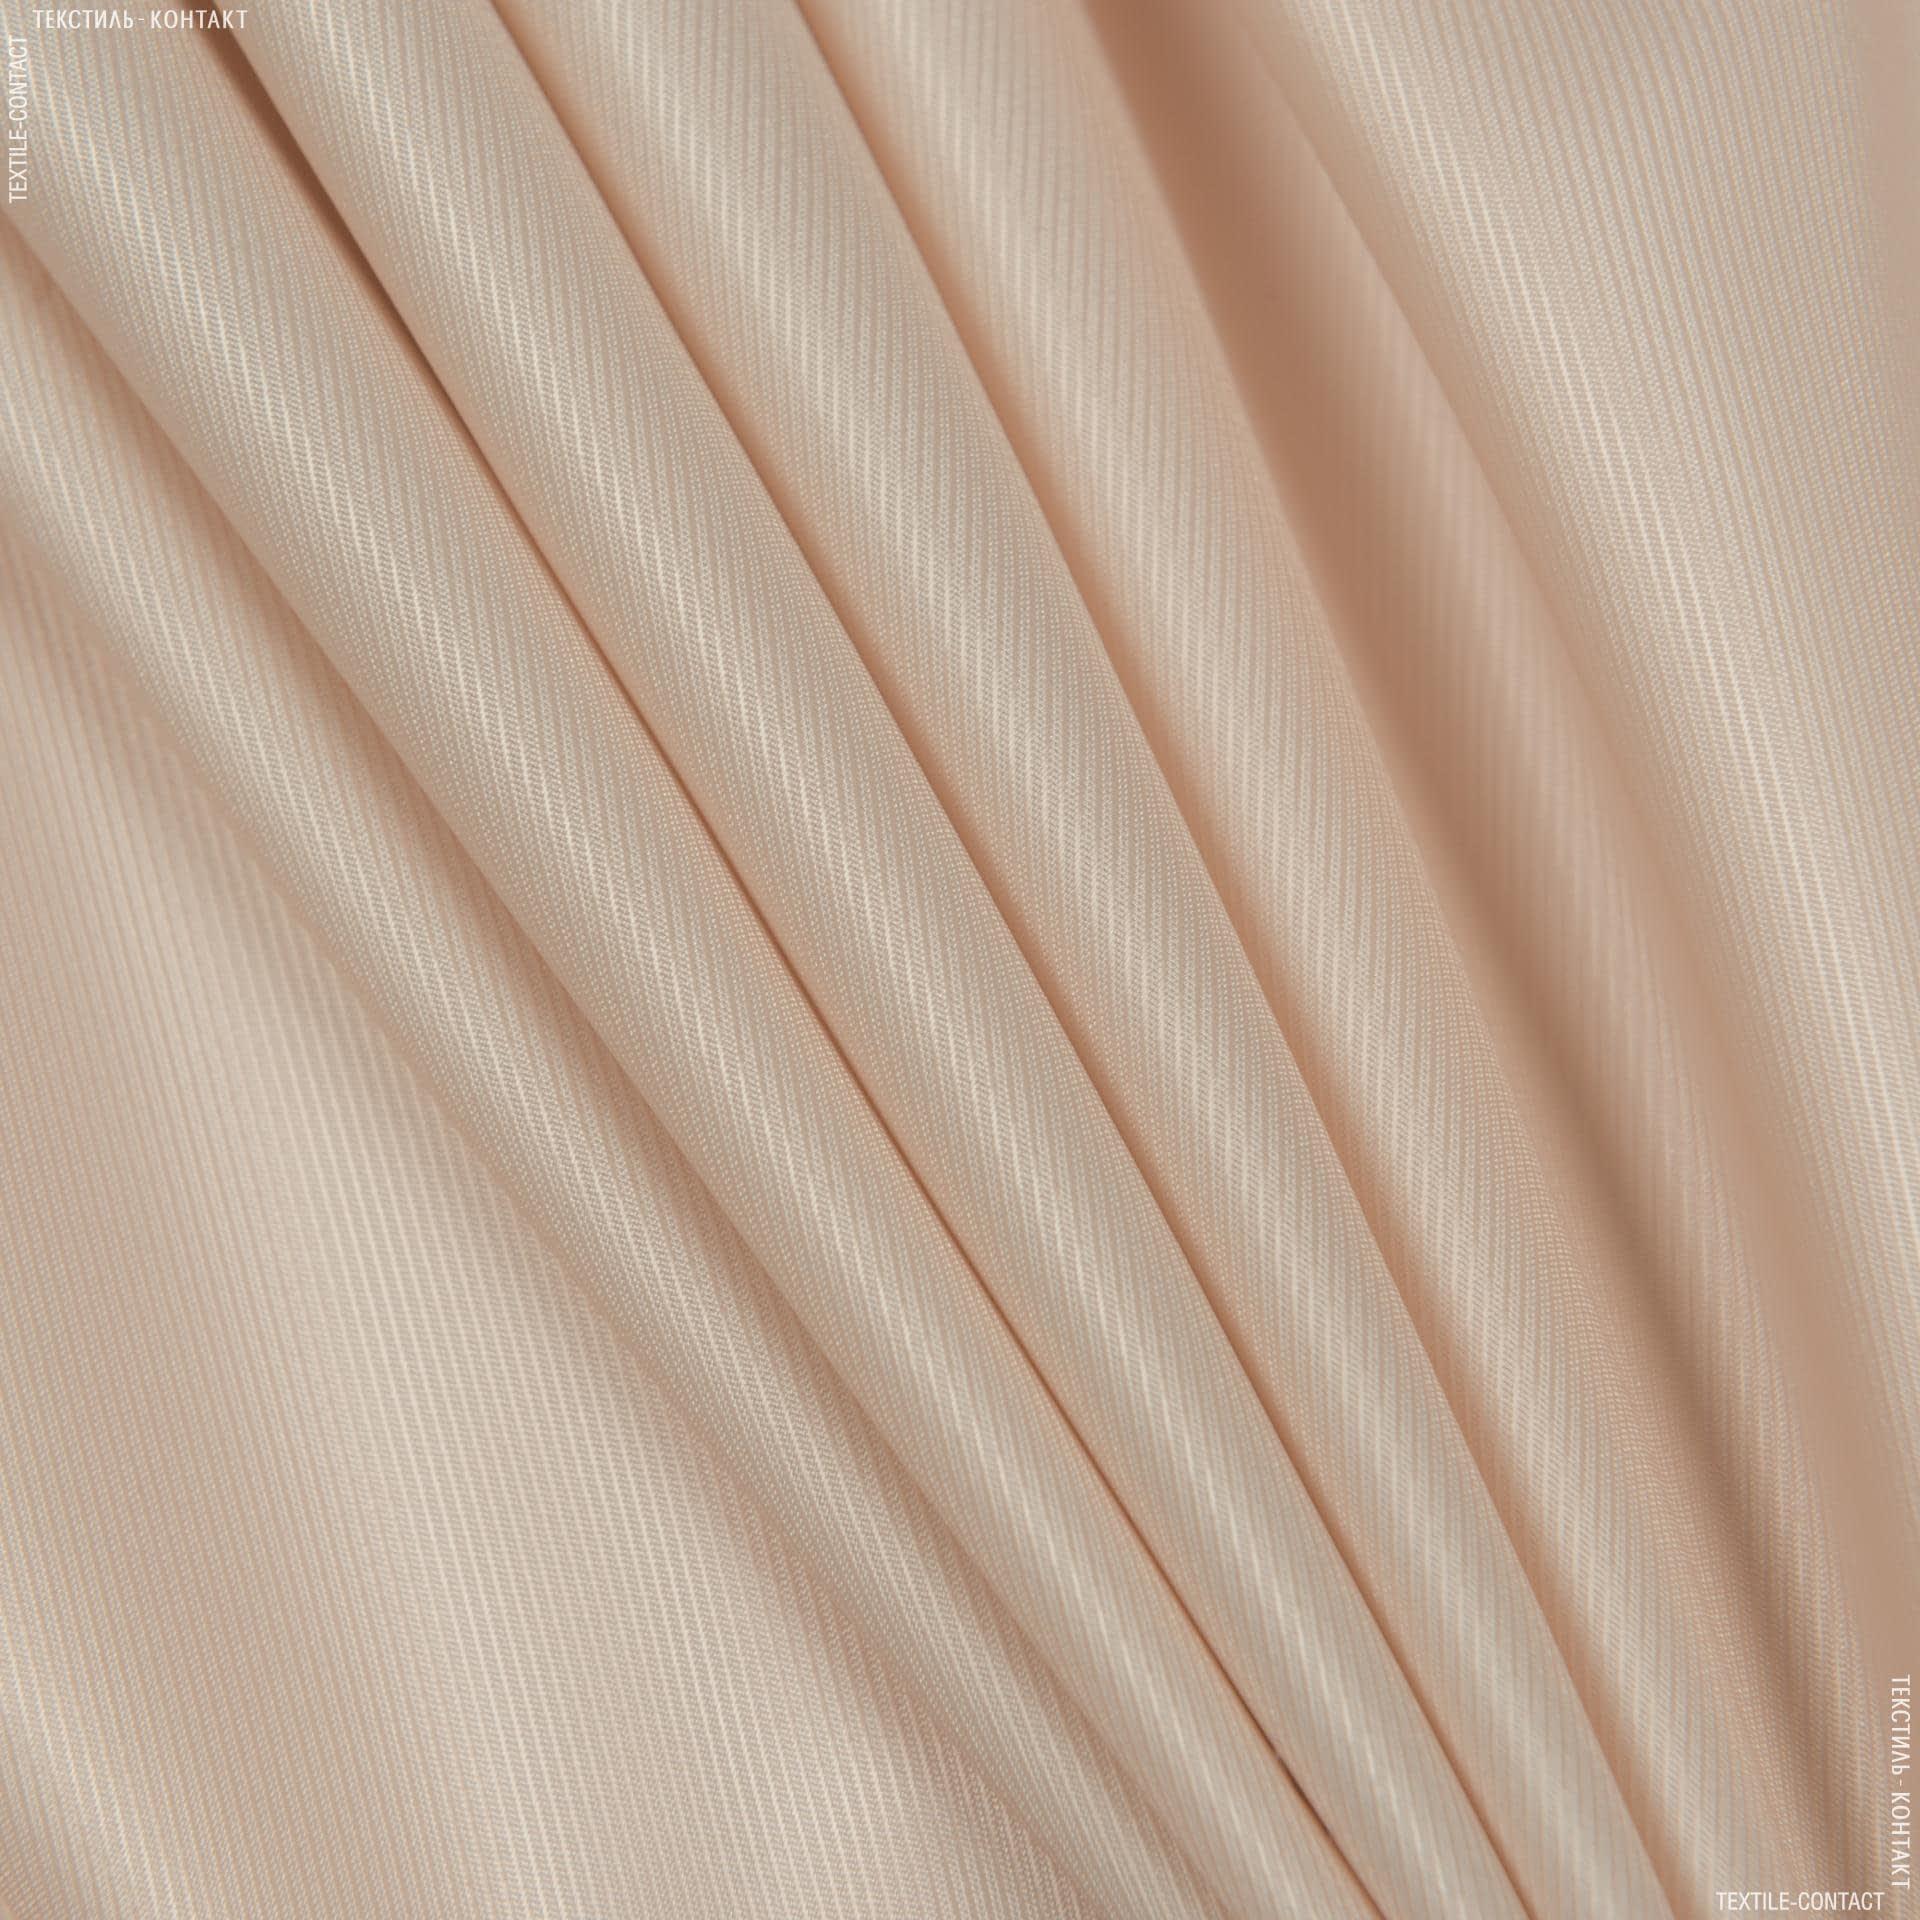 Тканини підкладкова тканина - Підкладка діагональ бежевий